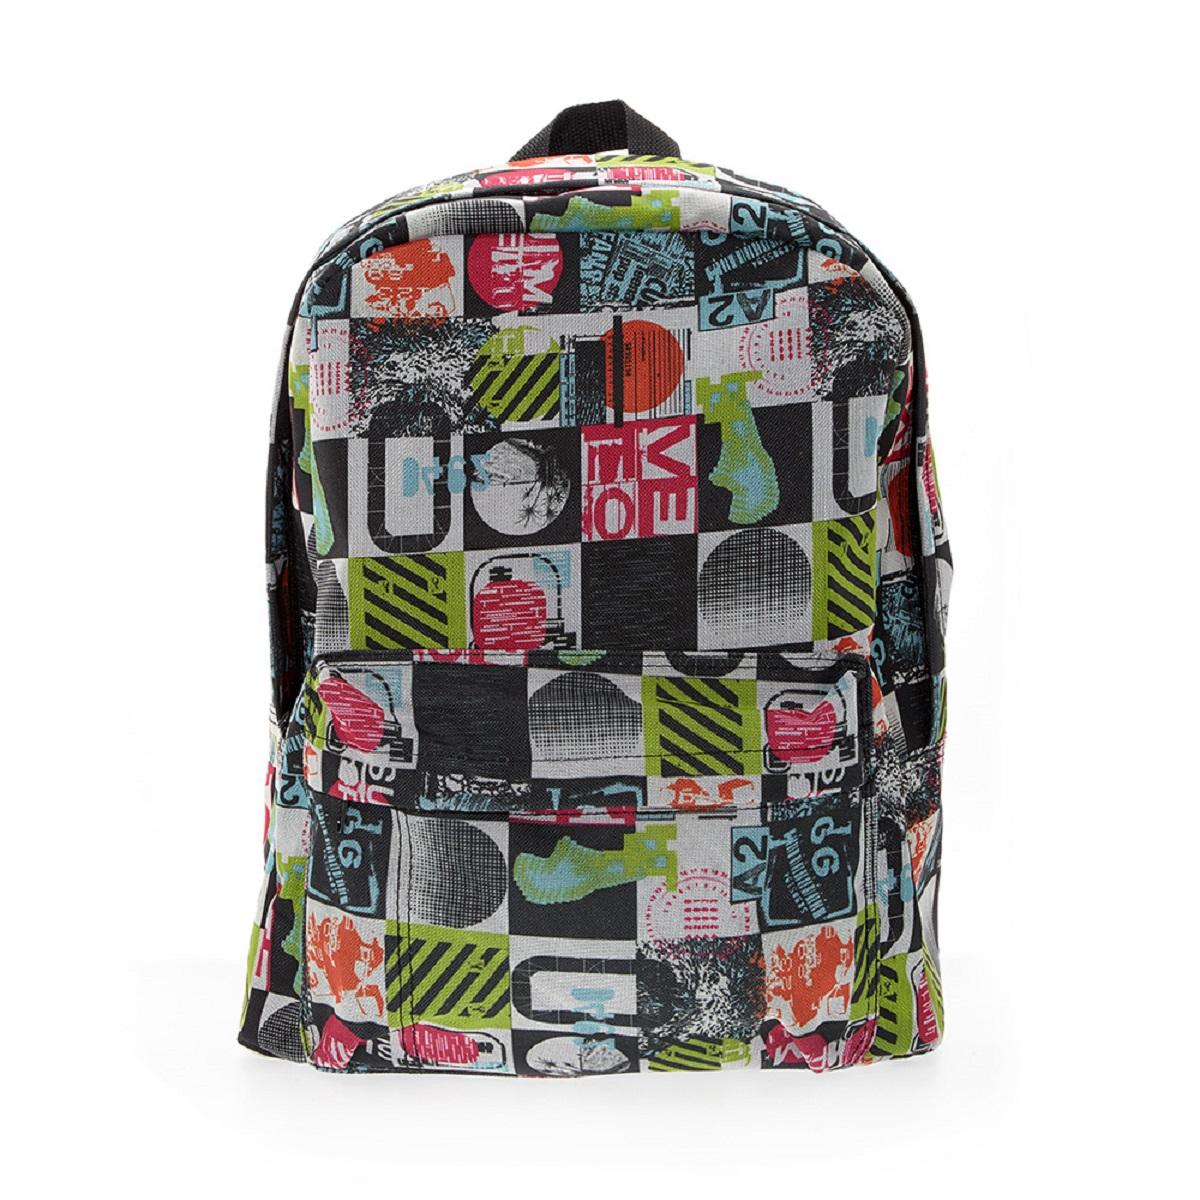 Рюкзак городской 3D Bags Луна, 16 л3DBC490Рюкзак городской 3D Bags Луна.Стильный, вместительный и практичный, рюкзак понравится и школьникам, и студентам. Просторный внутренний отсек, наружный карман на молнии будут очень удобны в использовании.Объем: 16 л.